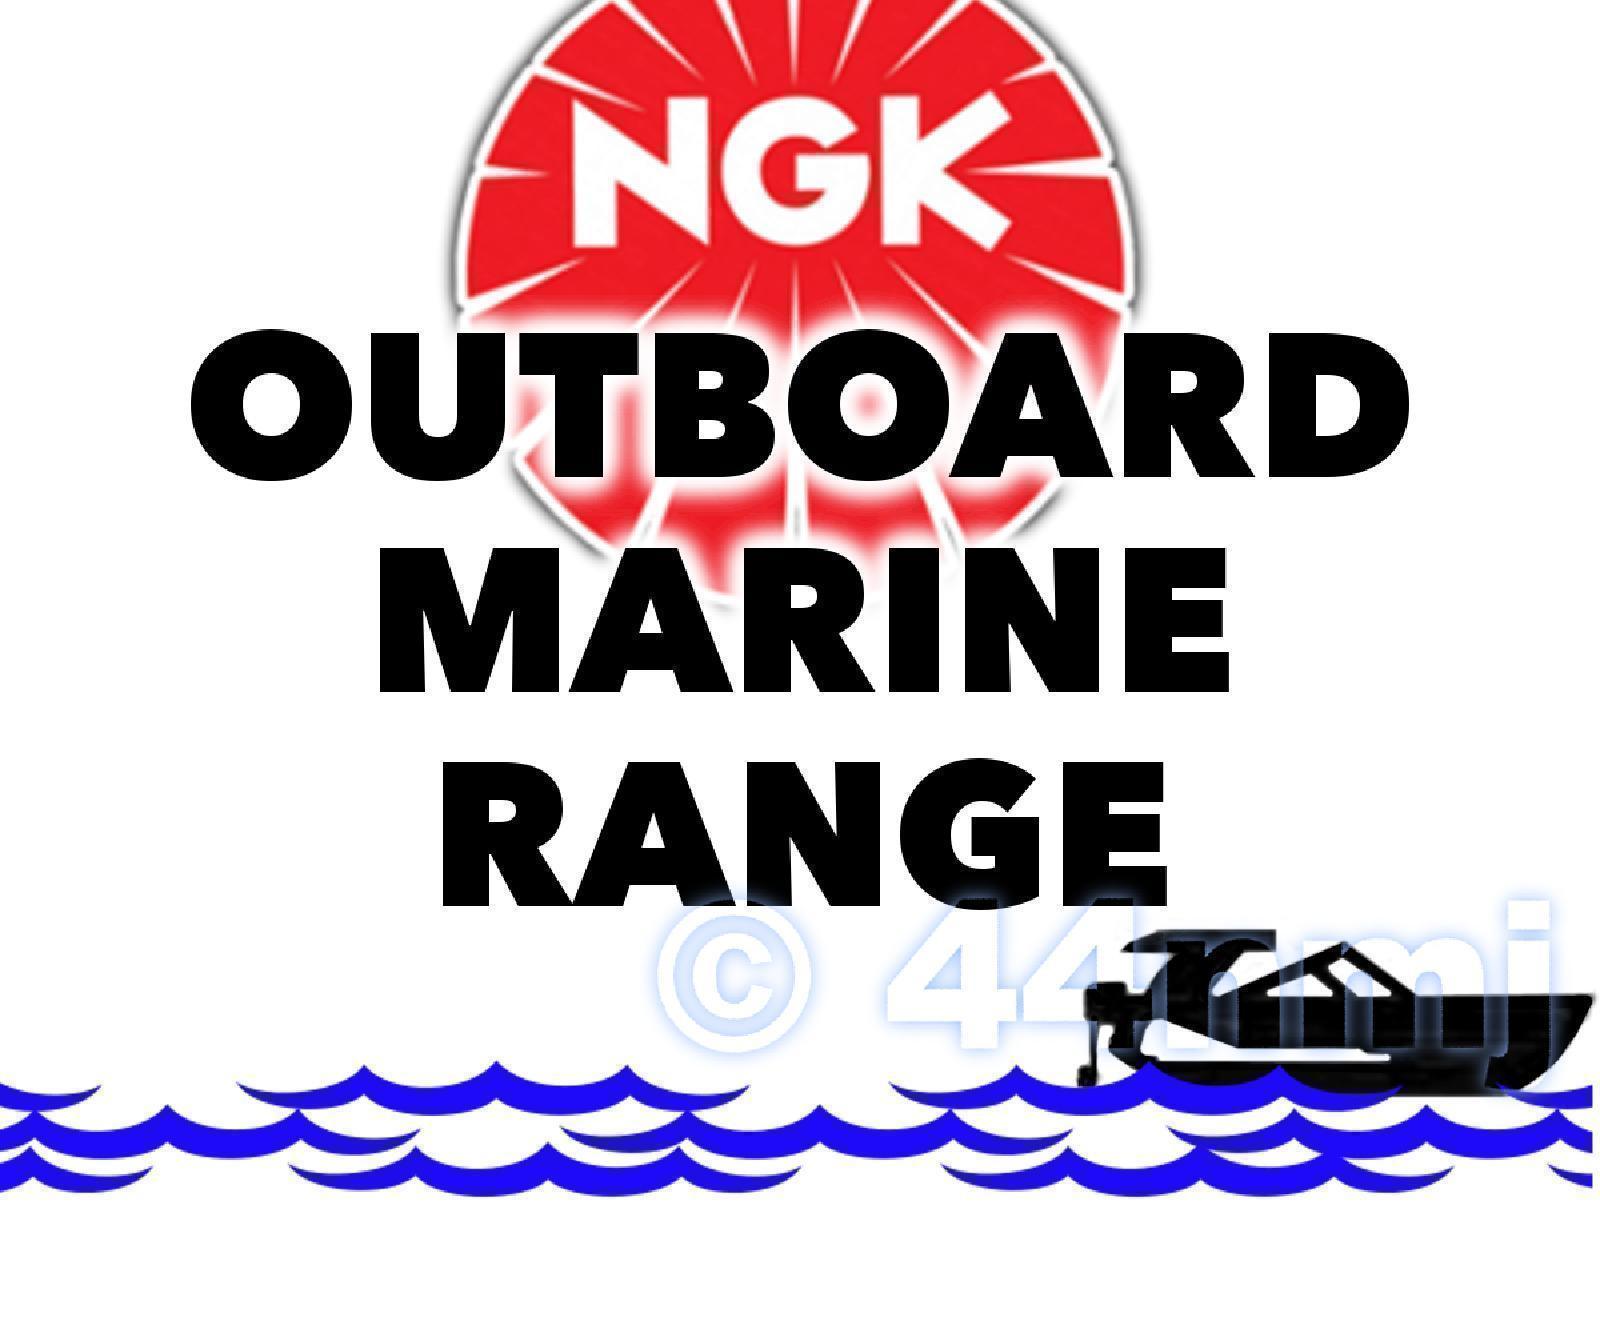 New Ngk Spark Plug For Marine Outboard Engine Honda Bf23 Horsepower 4 5 Model 5hp 2 Stroke Shop Categories